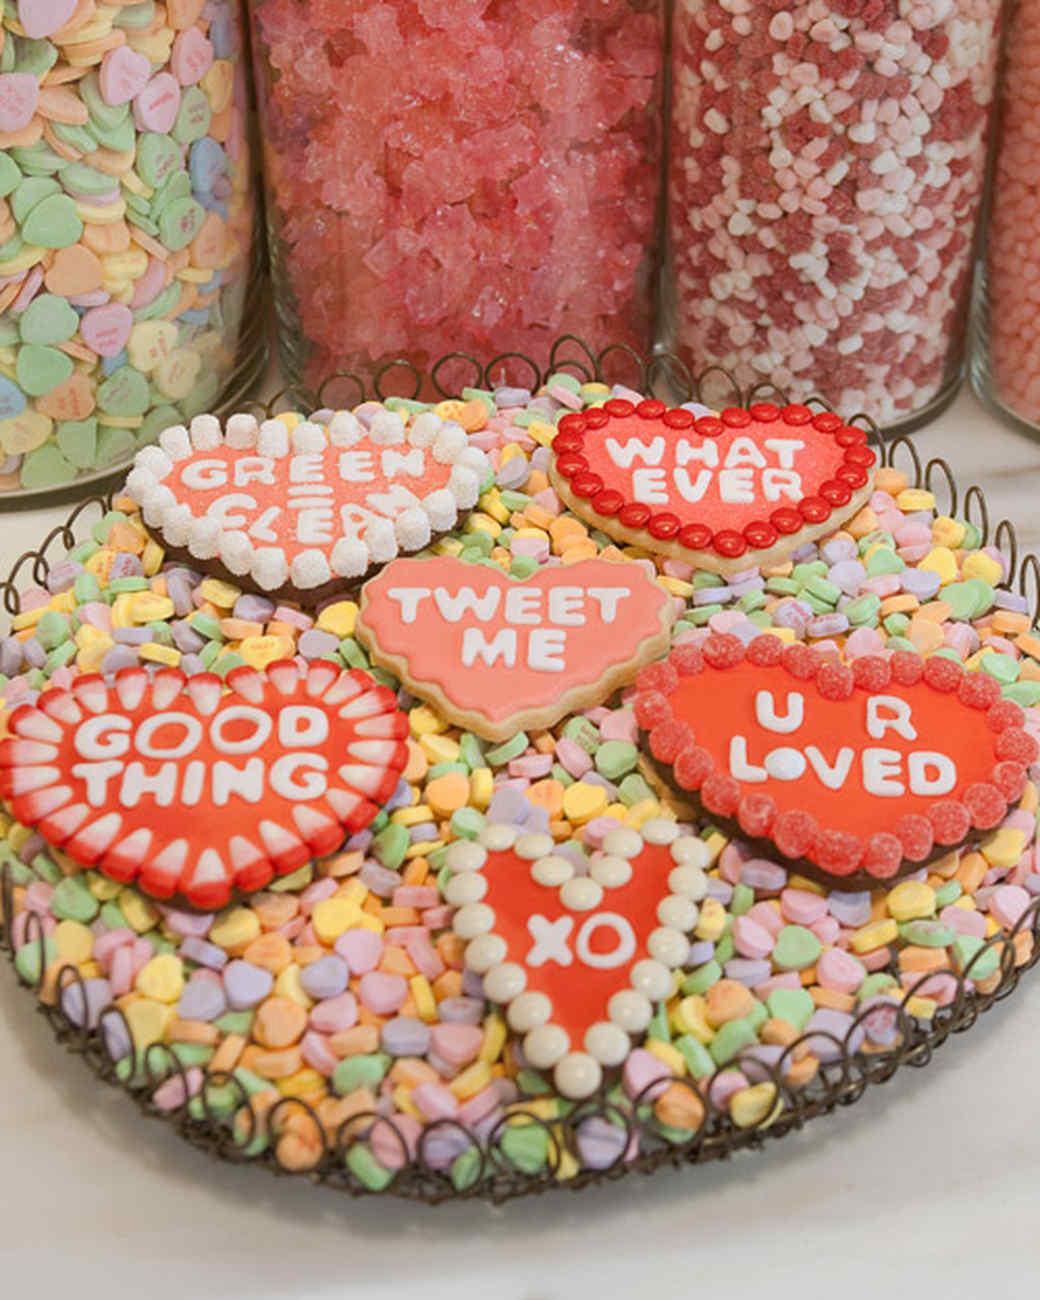 5095_020910_cookies.jpg